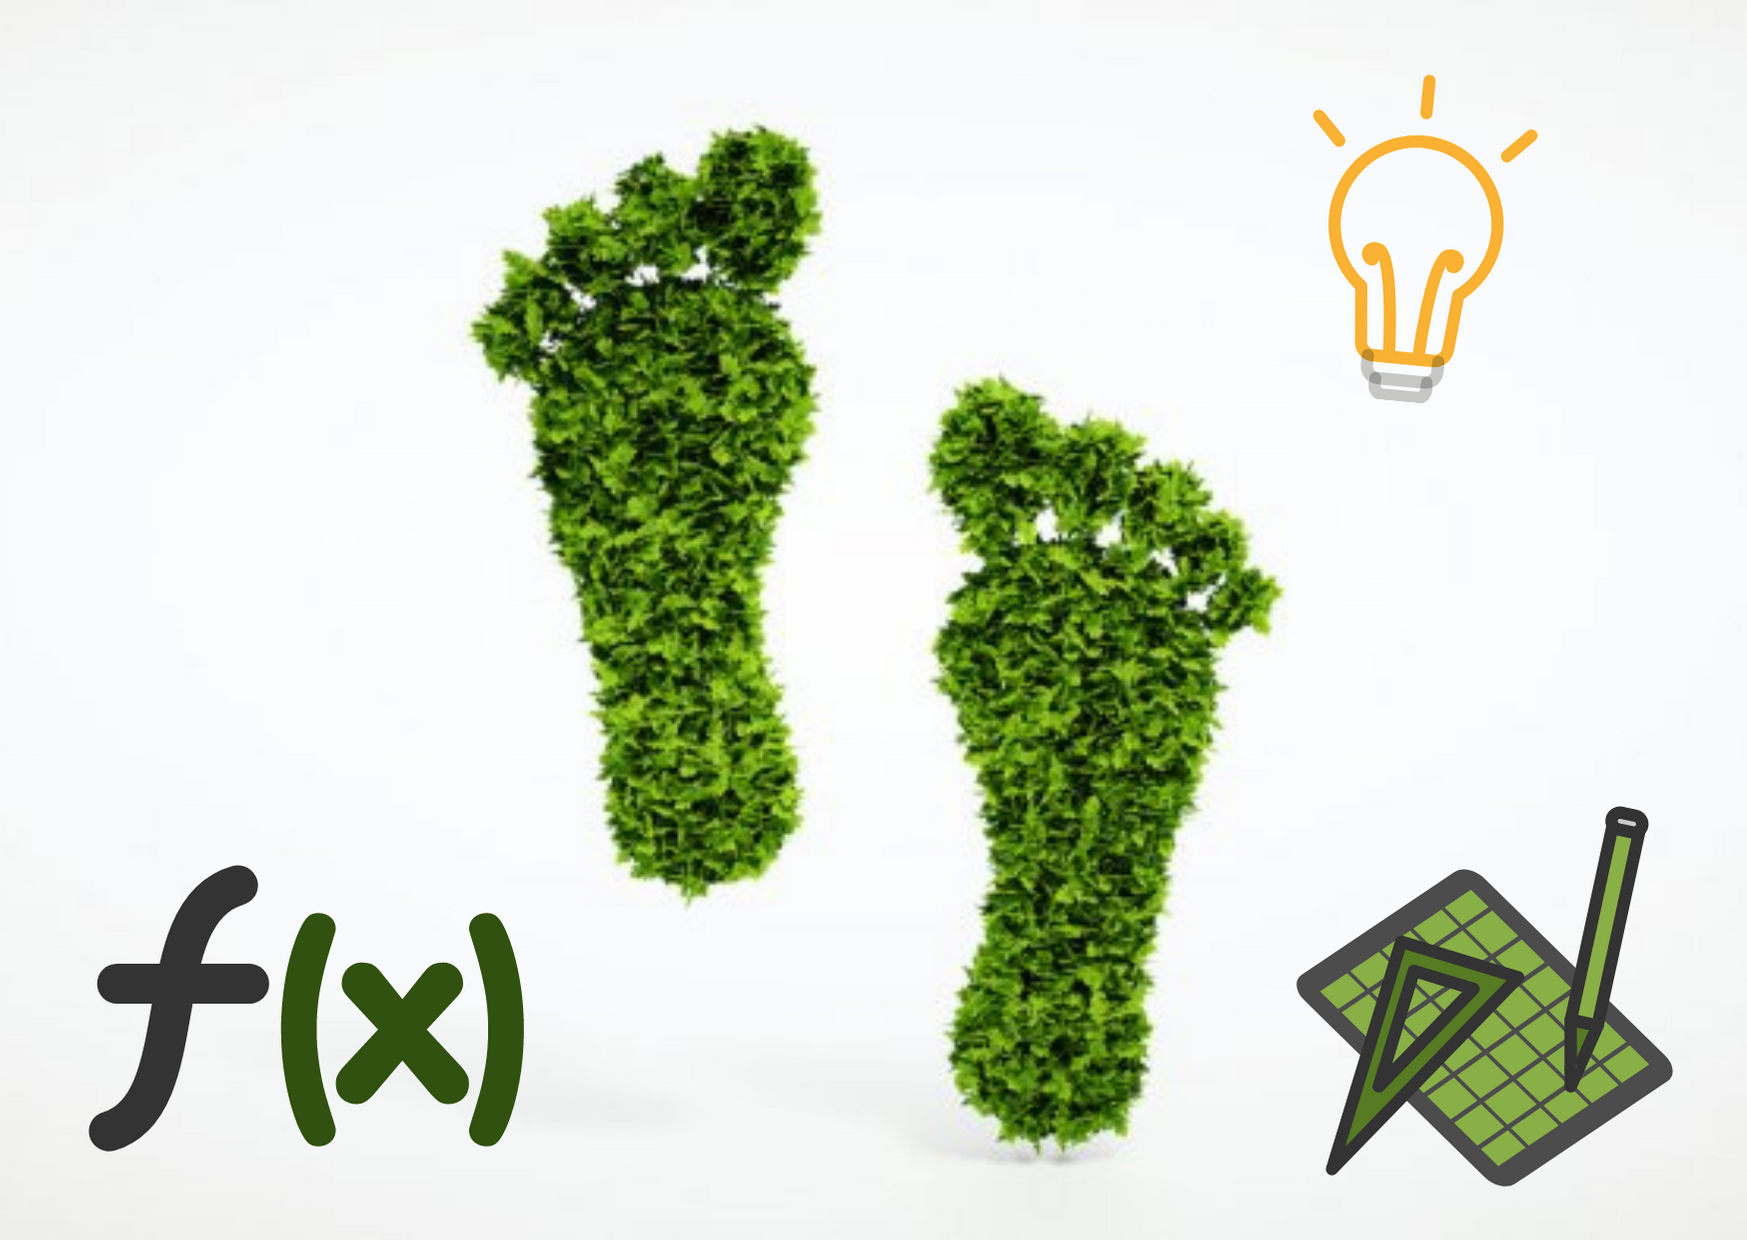 18 mei: HPP-kwartaalevenement | Hoe ga jij je (zakelijke) footprint verkleinen?